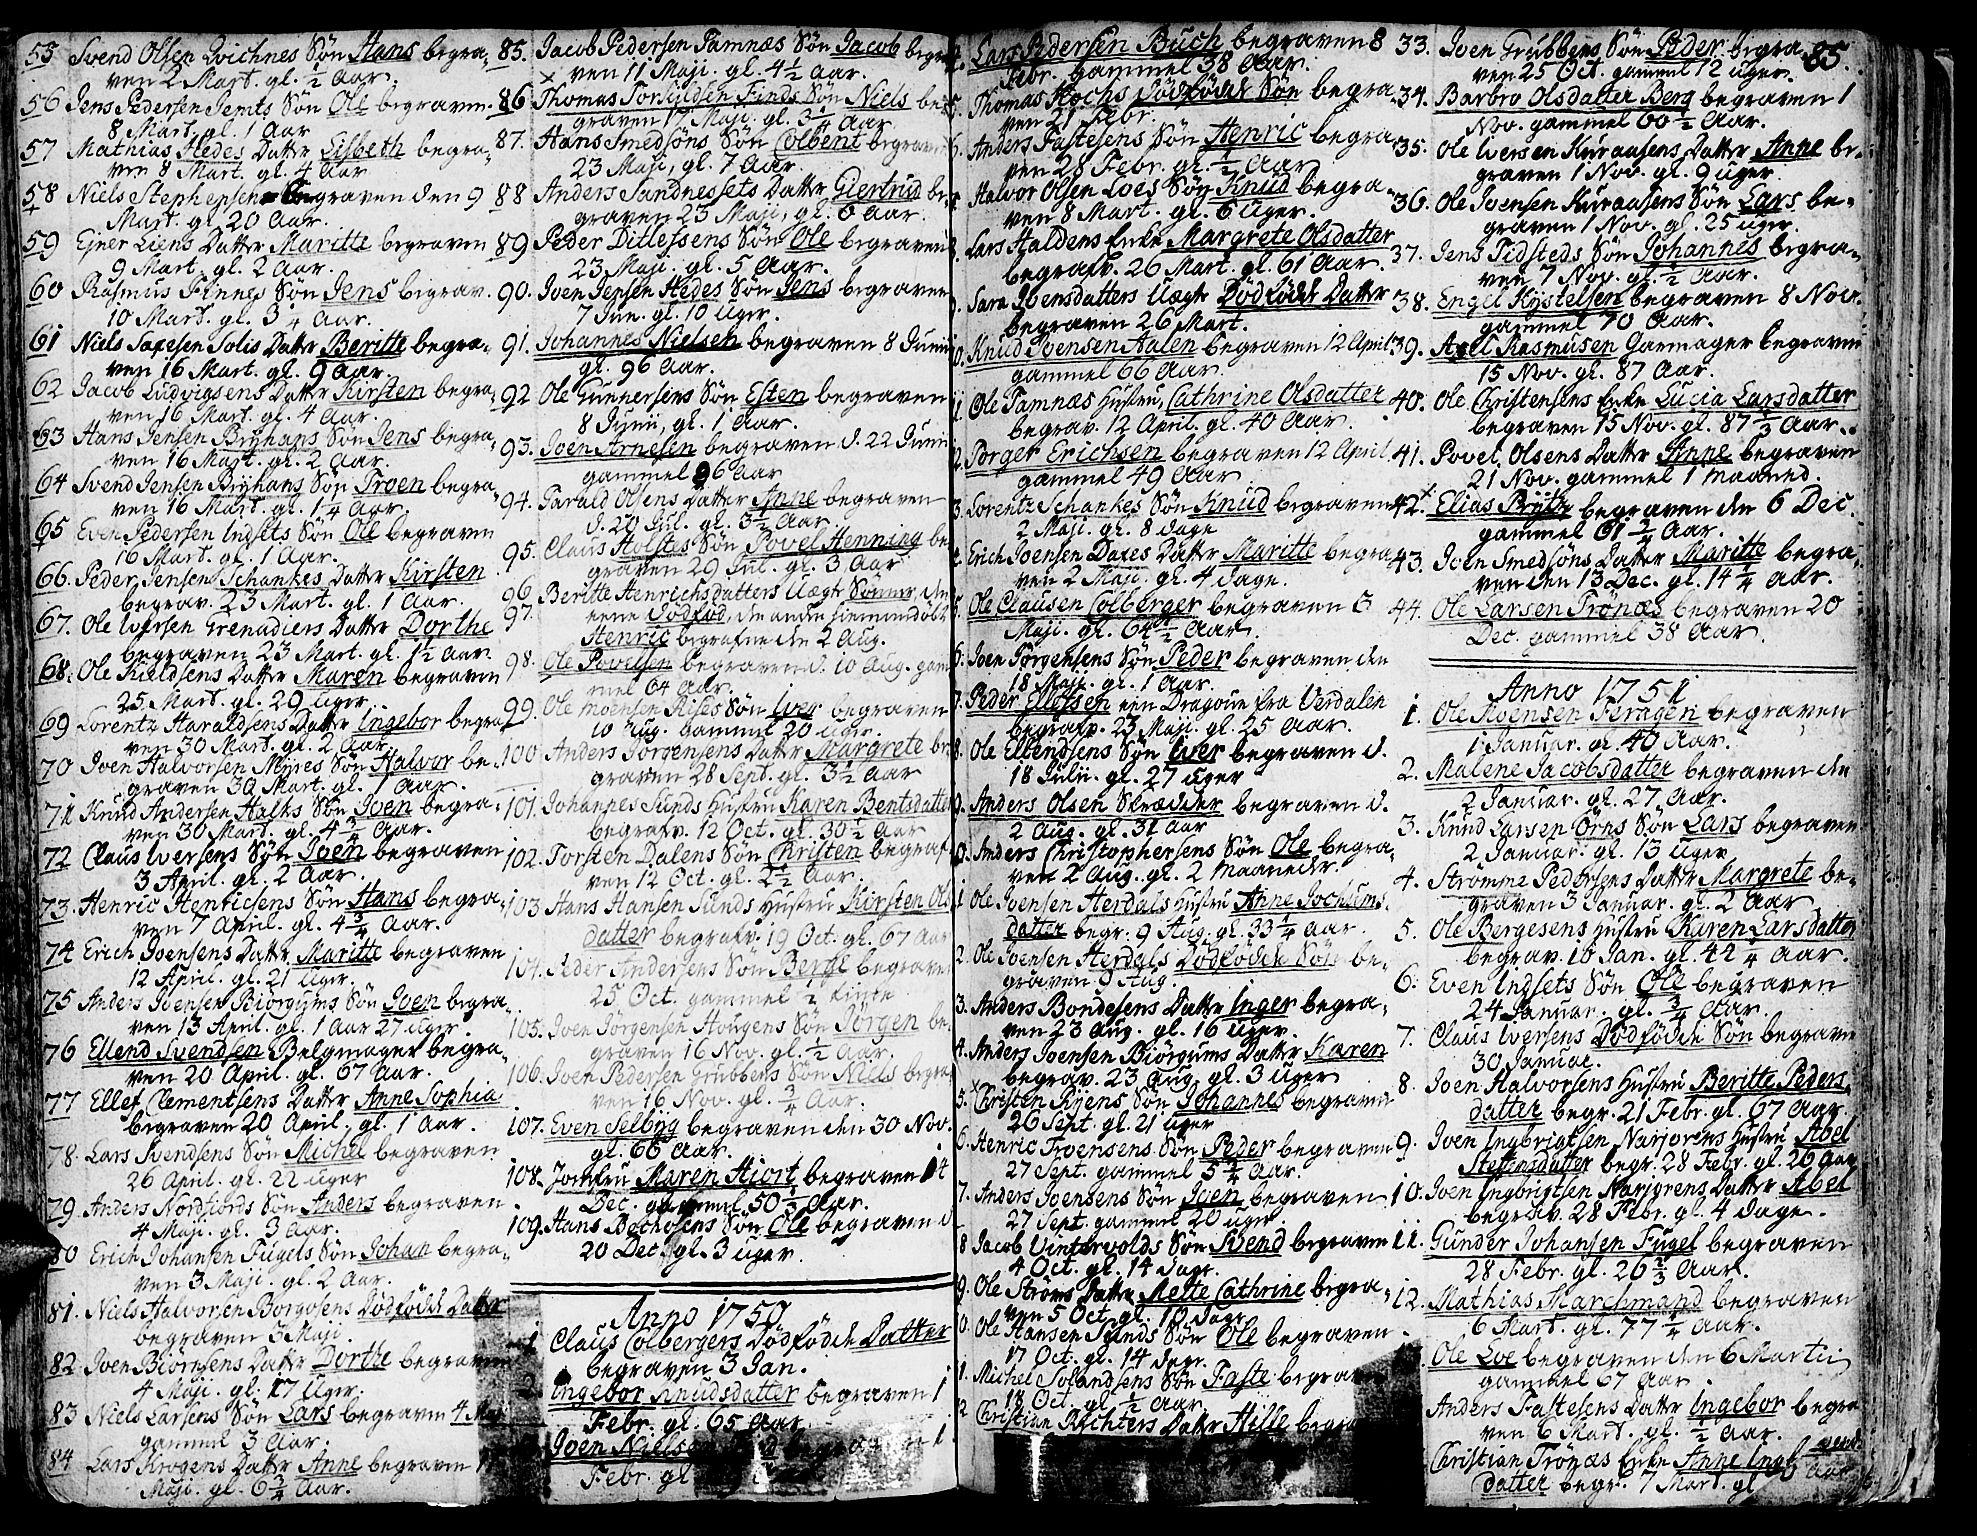 SAT, Ministerialprotokoller, klokkerbøker og fødselsregistre - Sør-Trøndelag, 681/L0925: Ministerialbok nr. 681A03, 1727-1766, s. 85